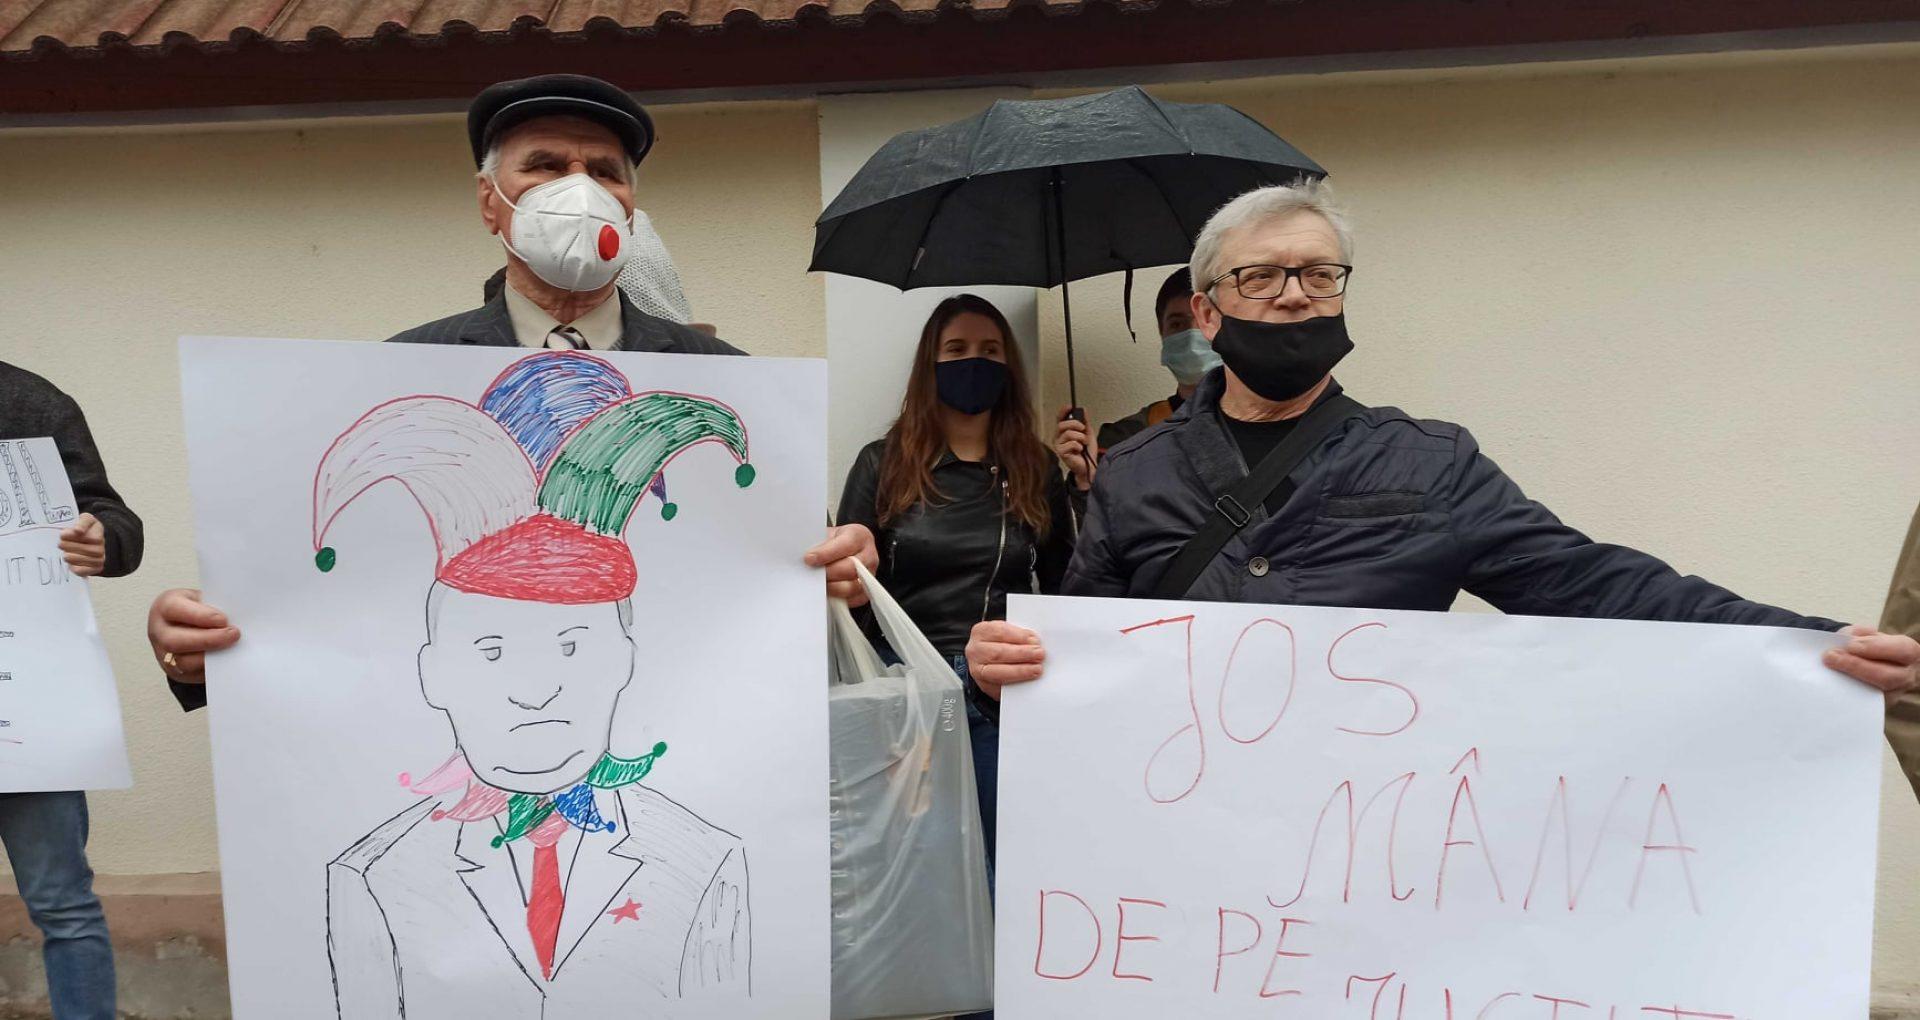 """LIVE/ Protest în fața CC. Oamenii scandează """"Noi suntem poporul"""". Deputat al Platformei DA: """"Se forțează nota, se joacă cu țara și cu oamenii"""""""